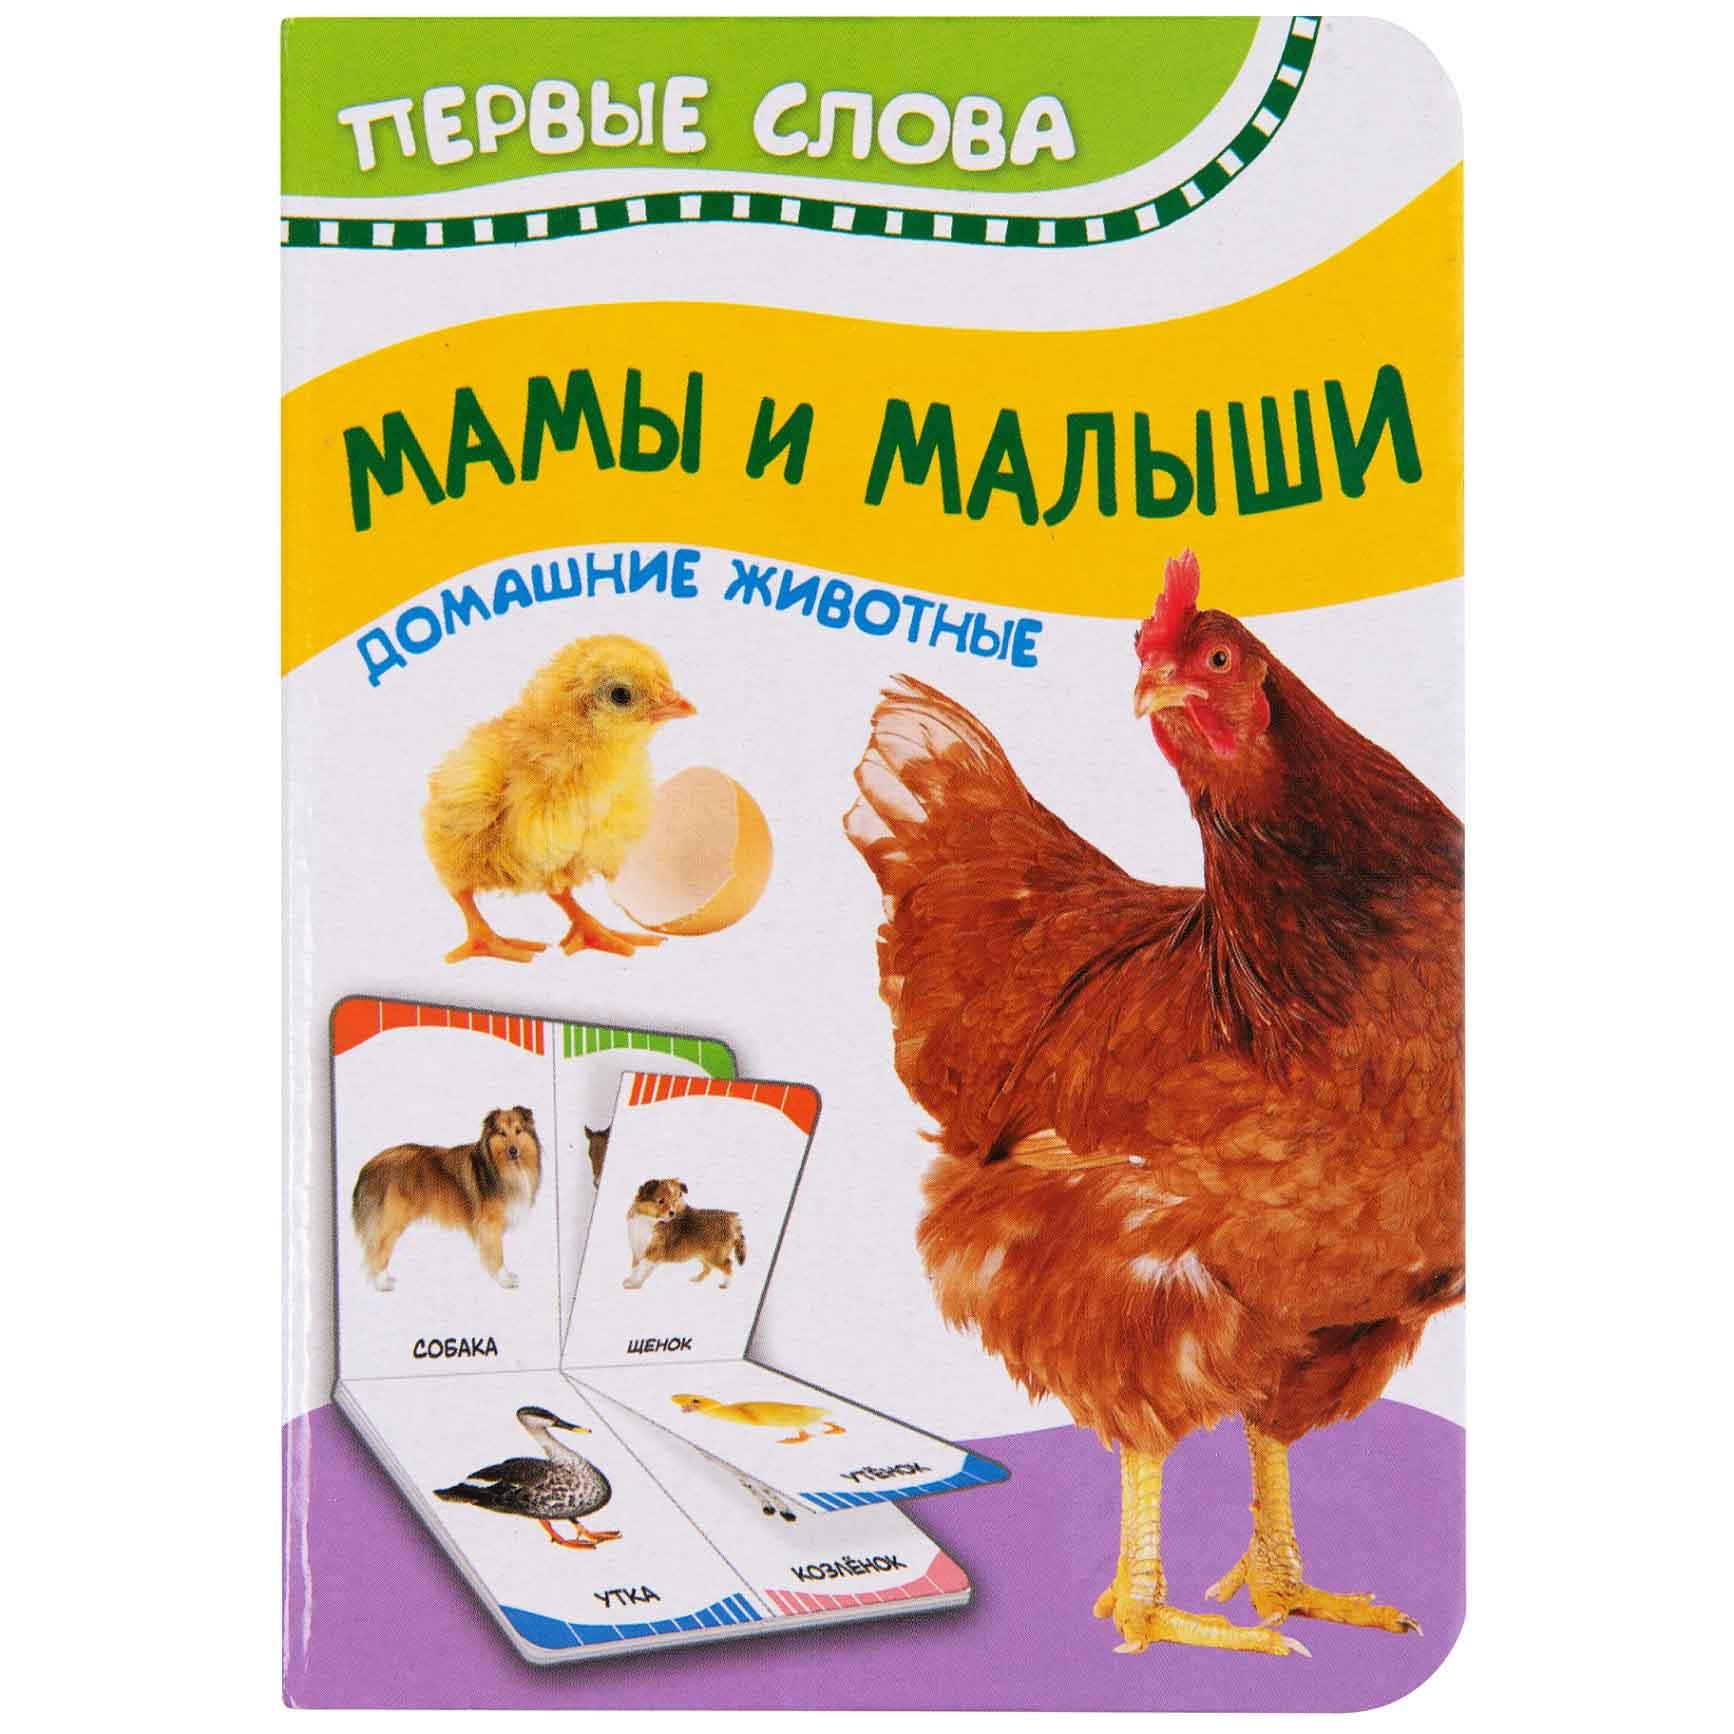 Купить Книга из серии Первые слова - Мамы и малыши. Домашние животные, Росмэн